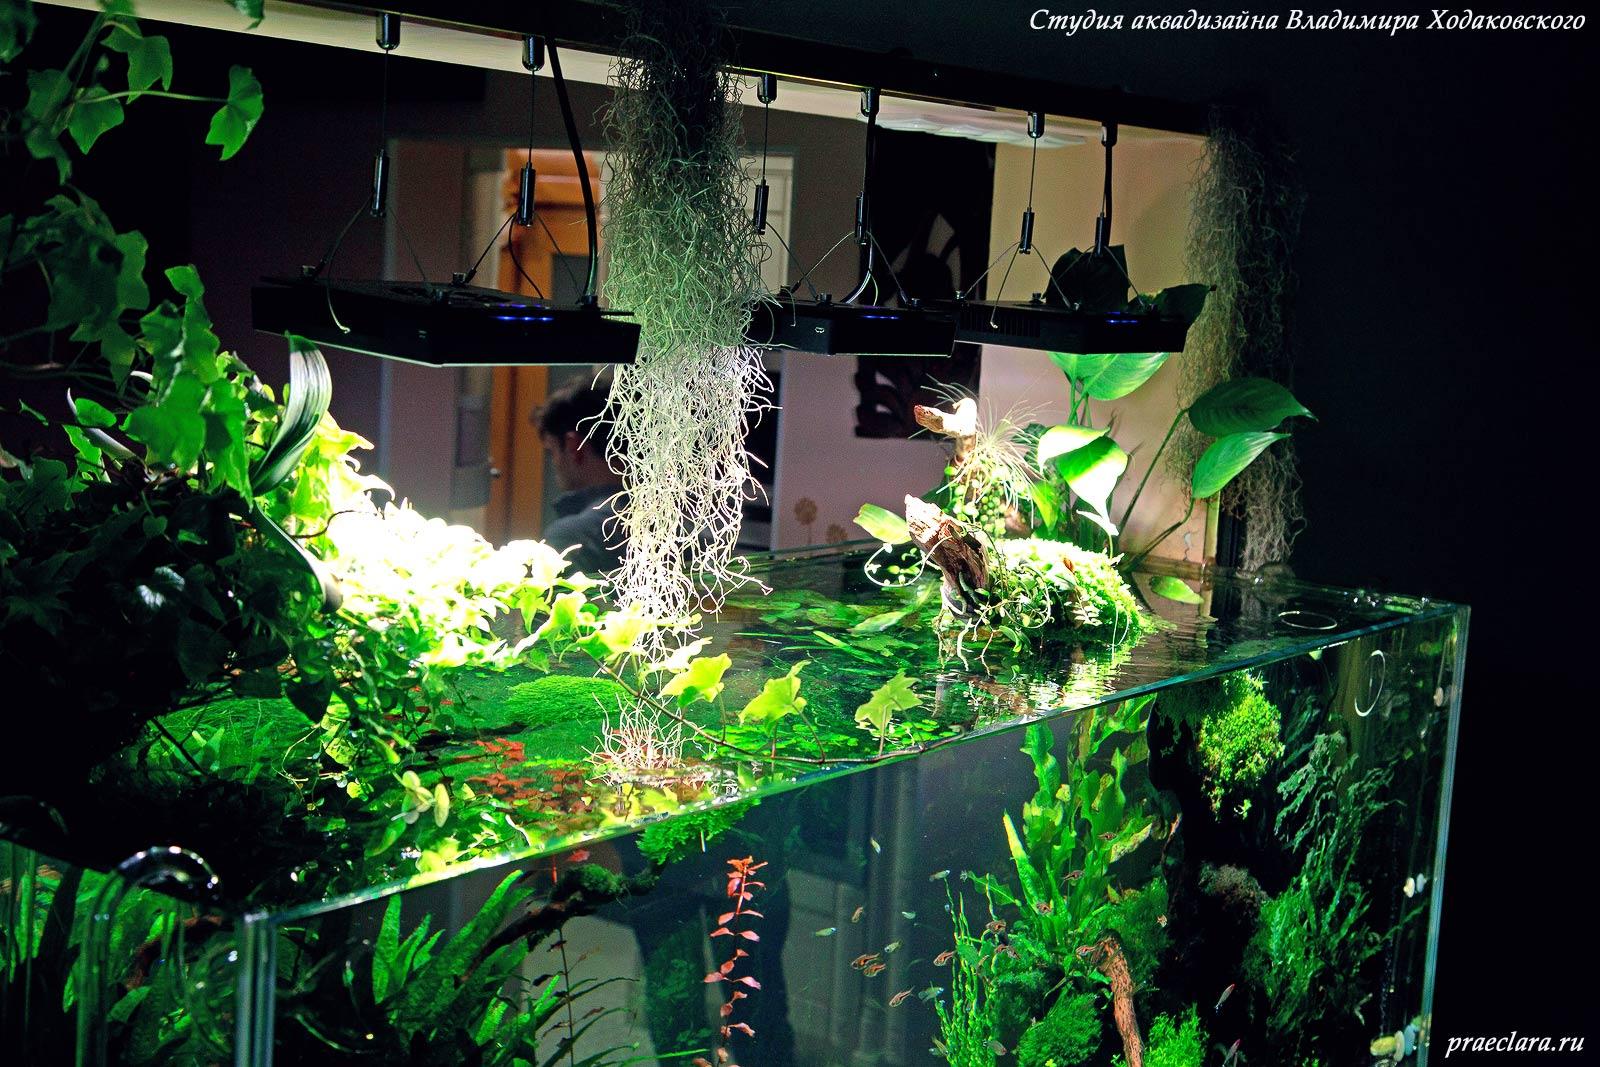 Светодиодные светильники в растительном аквариуме